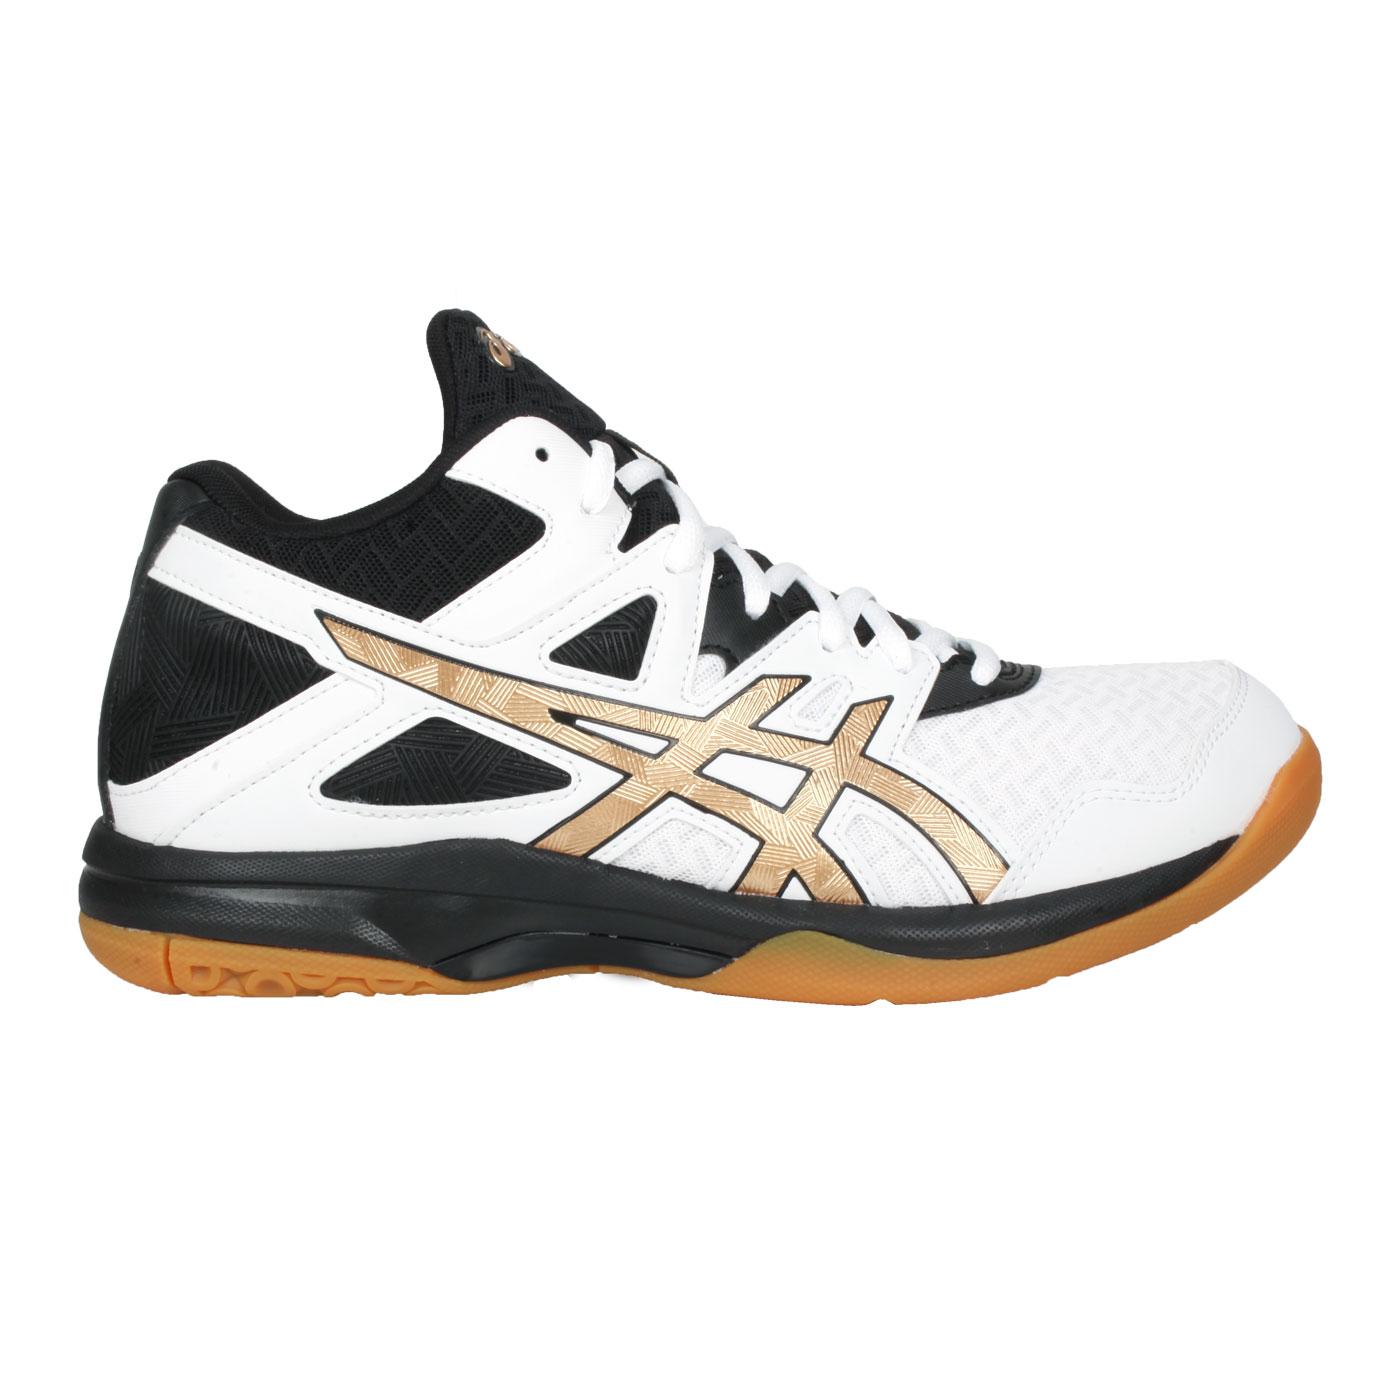 ASICS 男款排羽球鞋  @GEL-TASK MT 2@1071A036-102